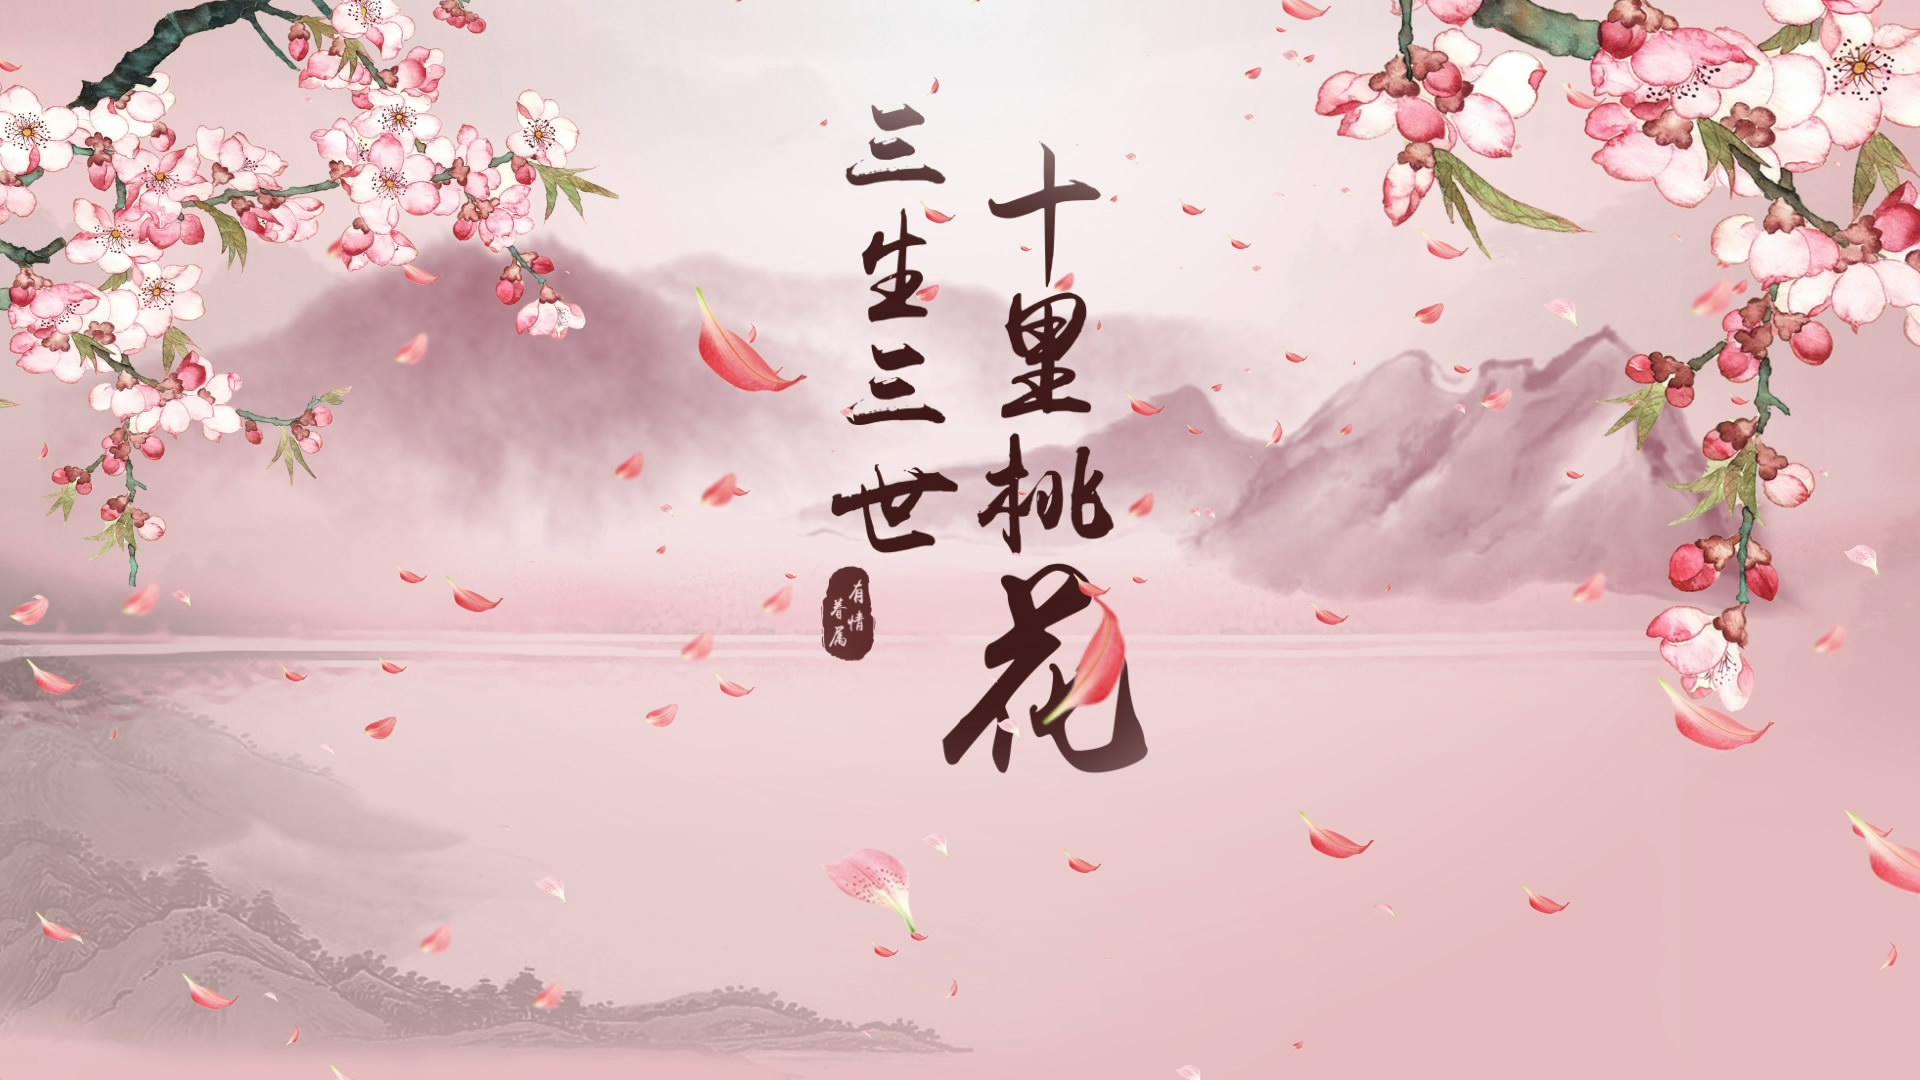 AE模板711三生三世十里桃花水墨中国风桃花园 花瓣 制作特效